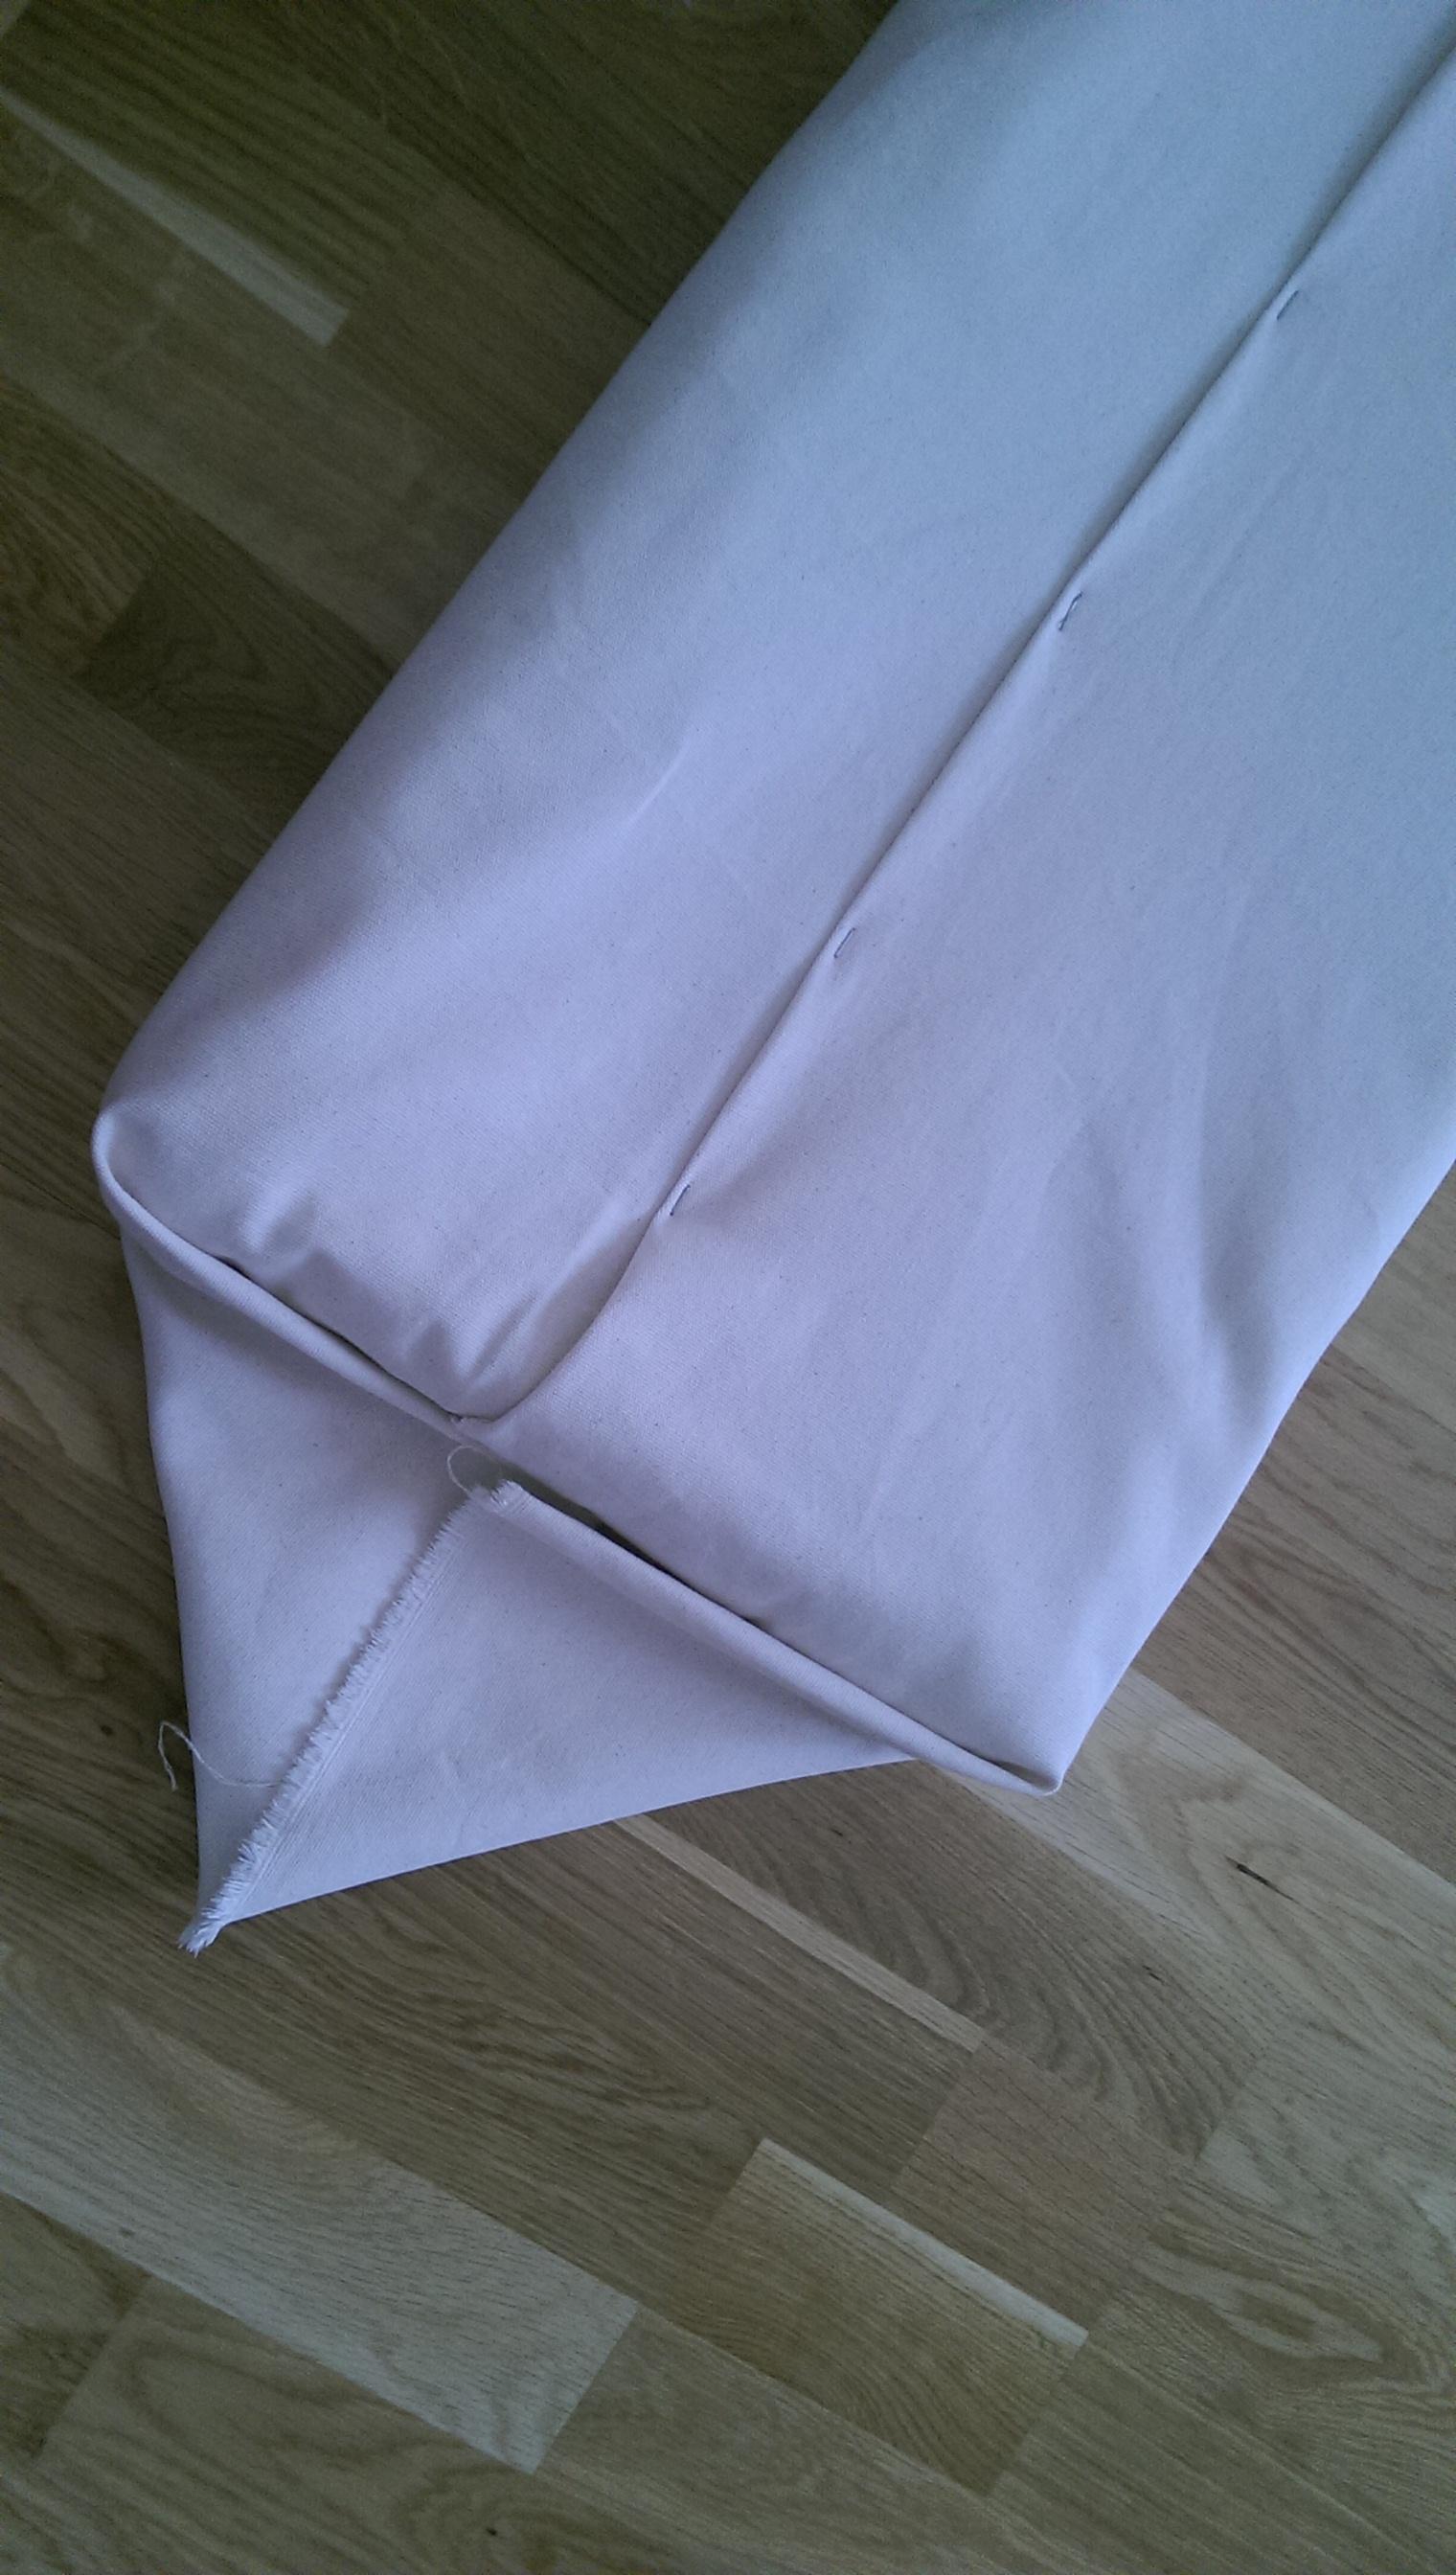 Cr er sa propre banquette c est possible a blog pourpoint - Pliage papier cadeau ...